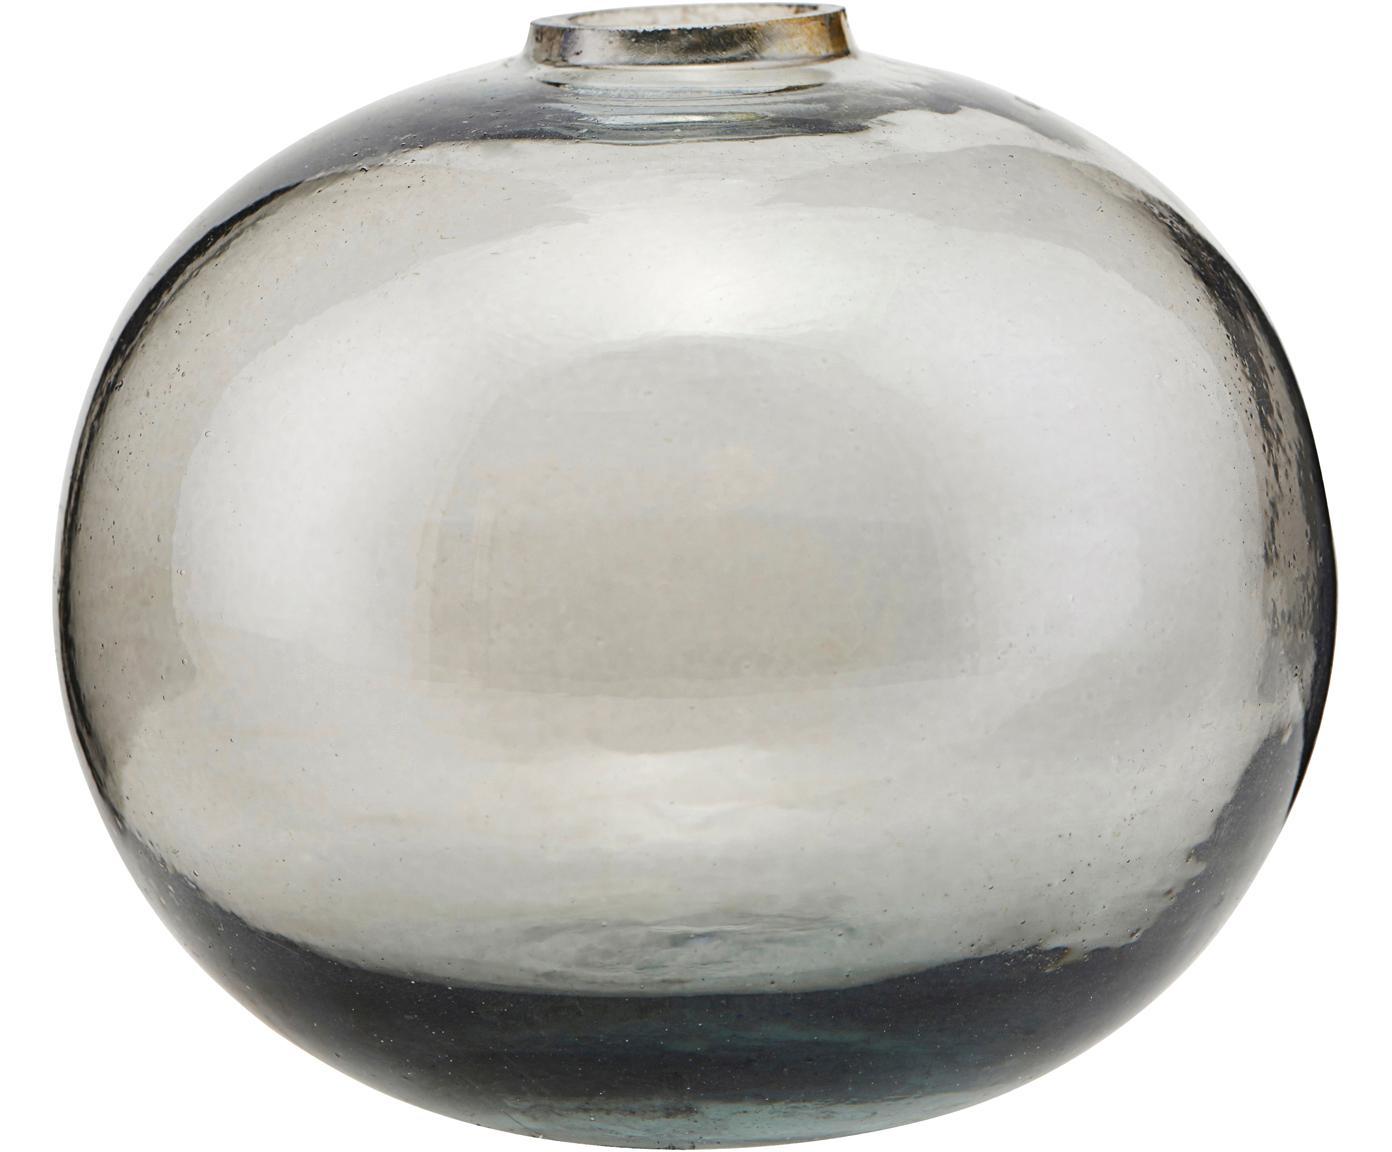 Vaas Sandra, Glas, Grijs, transparant, Ø 8 x H 7 cm